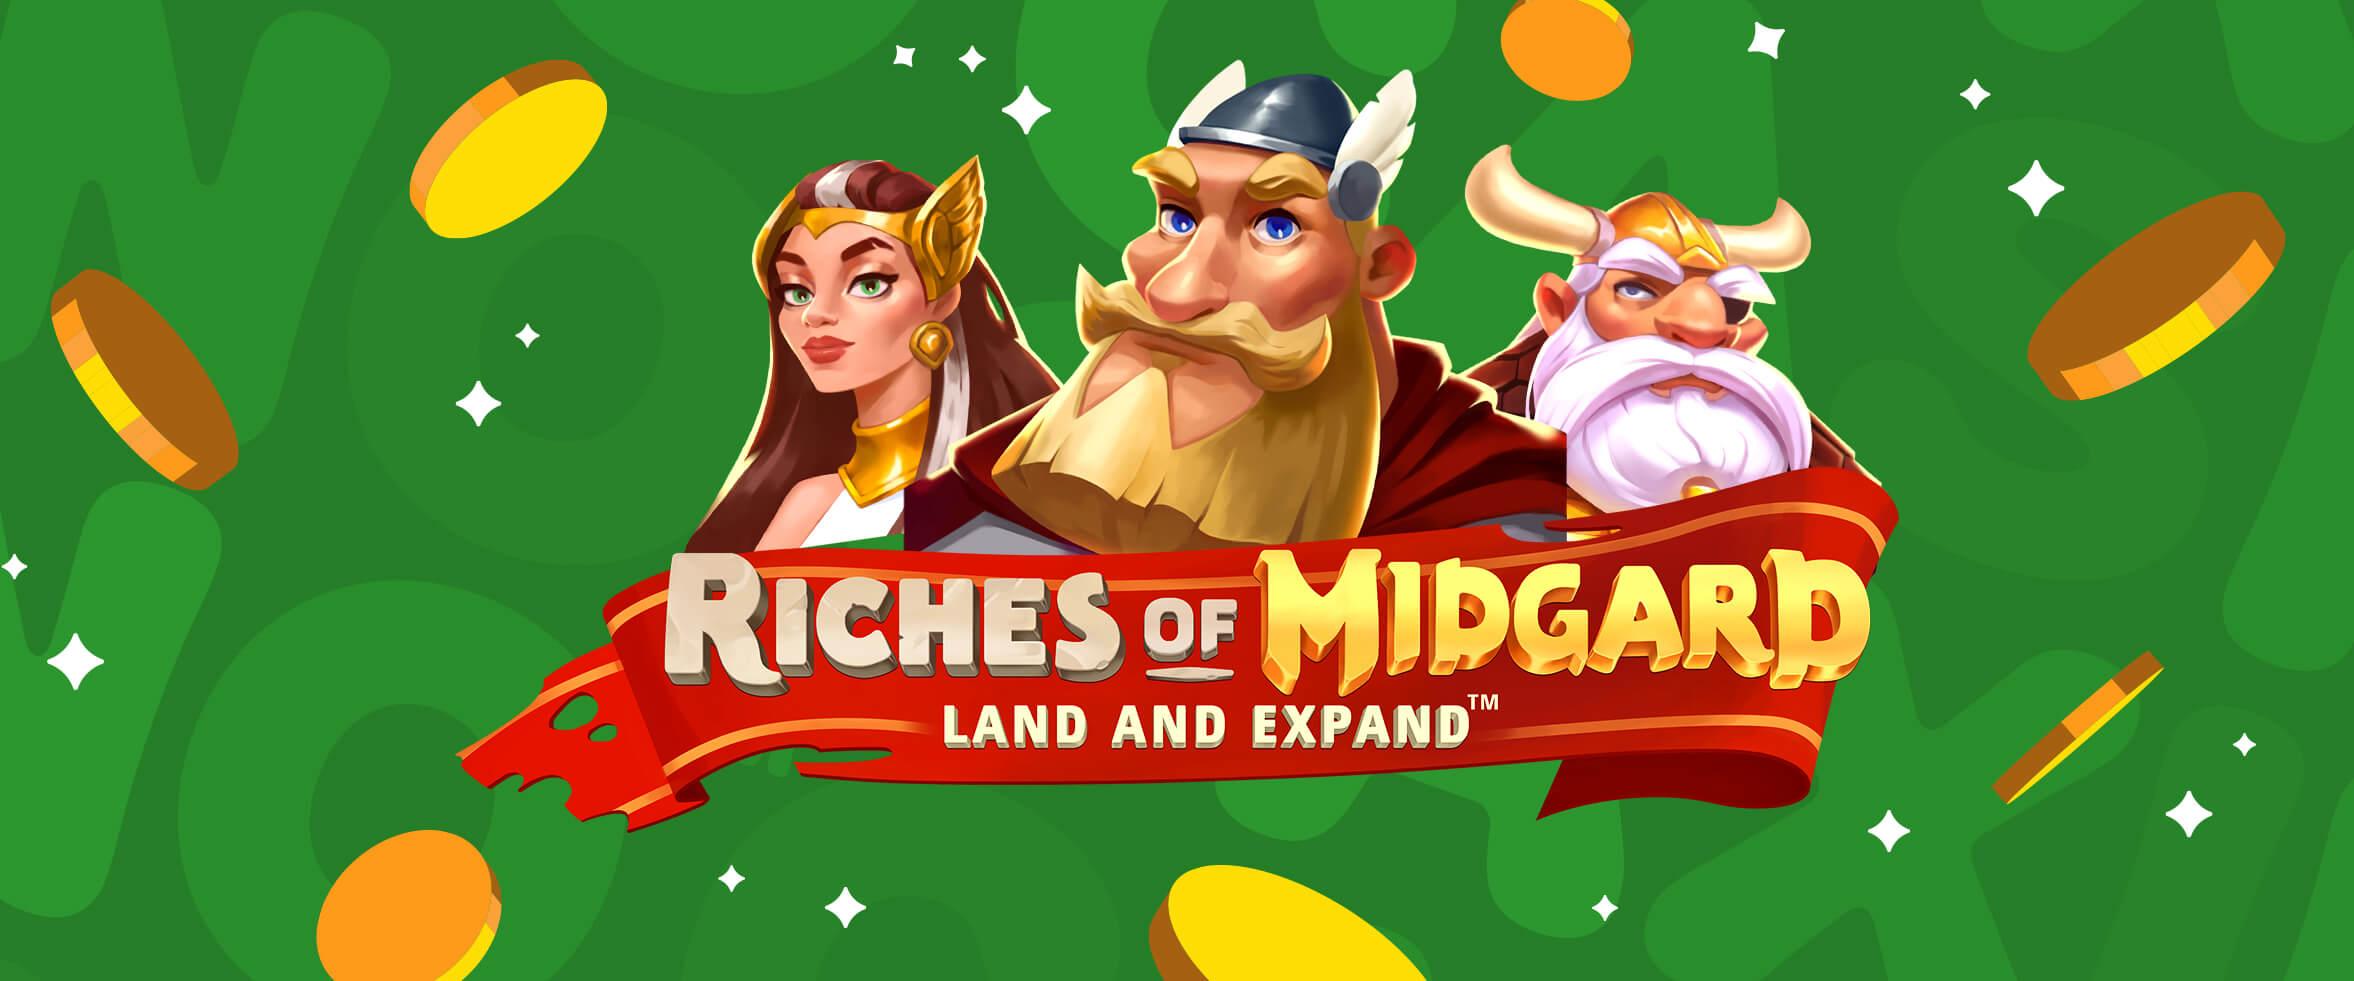 Doppelte Geschwindigkeit für Riches of Midgard